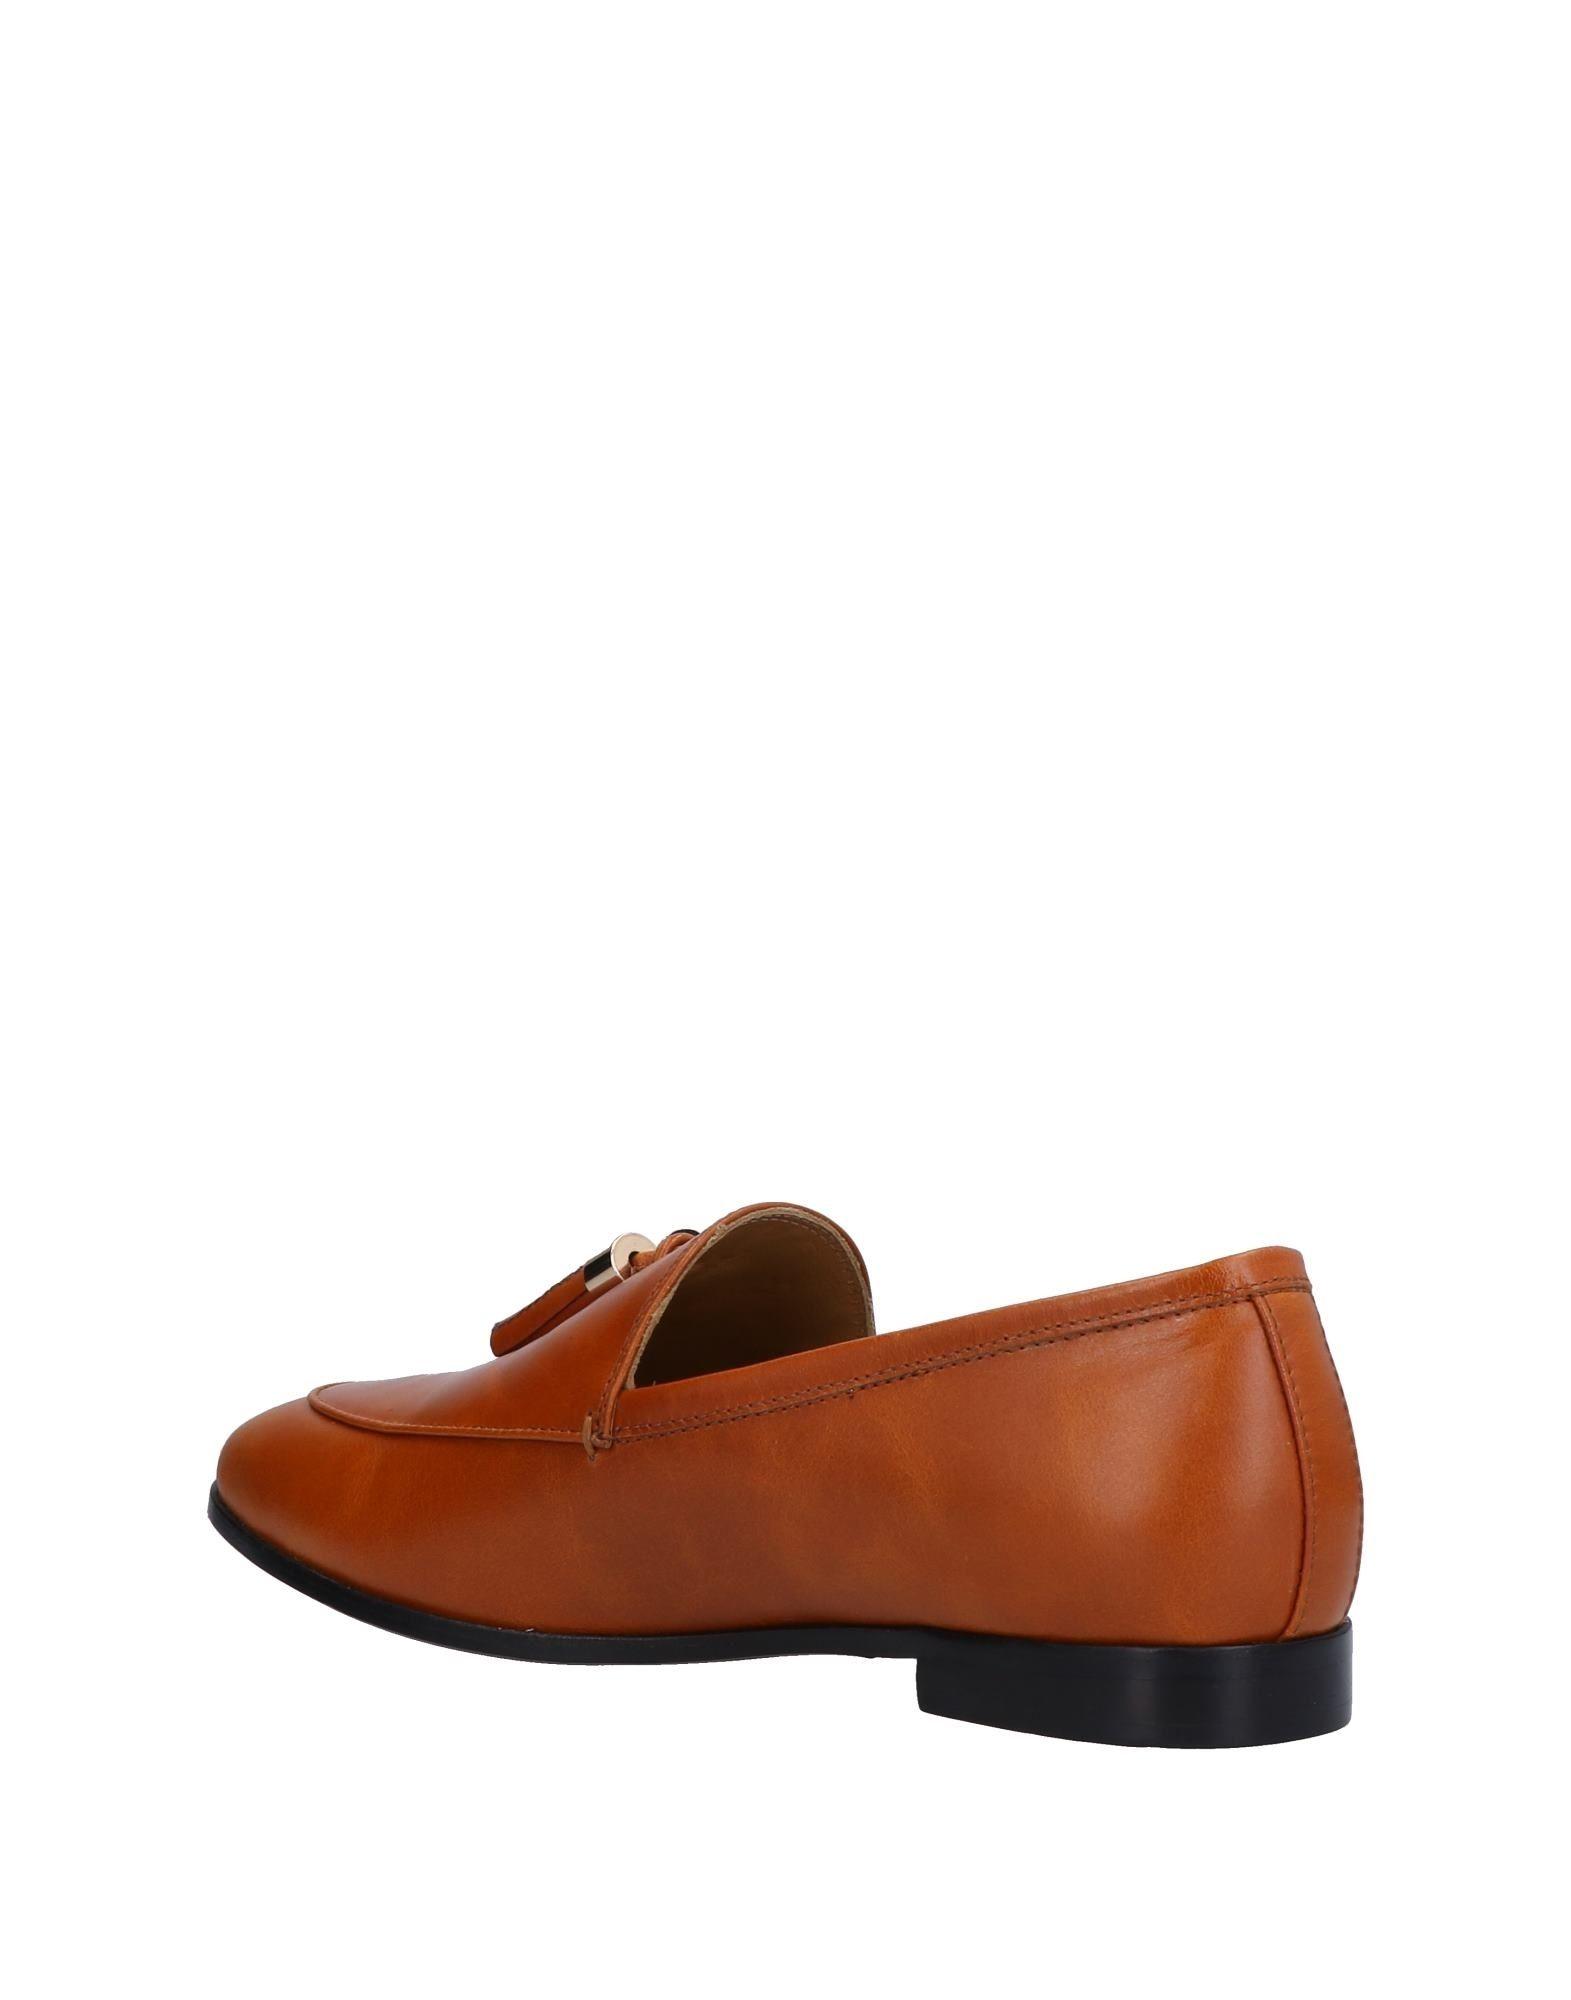 Mi/Mai Mokassins Damen  11505654VQ 11505654VQ  Gute Qualität beliebte Schuhe 9a26b4